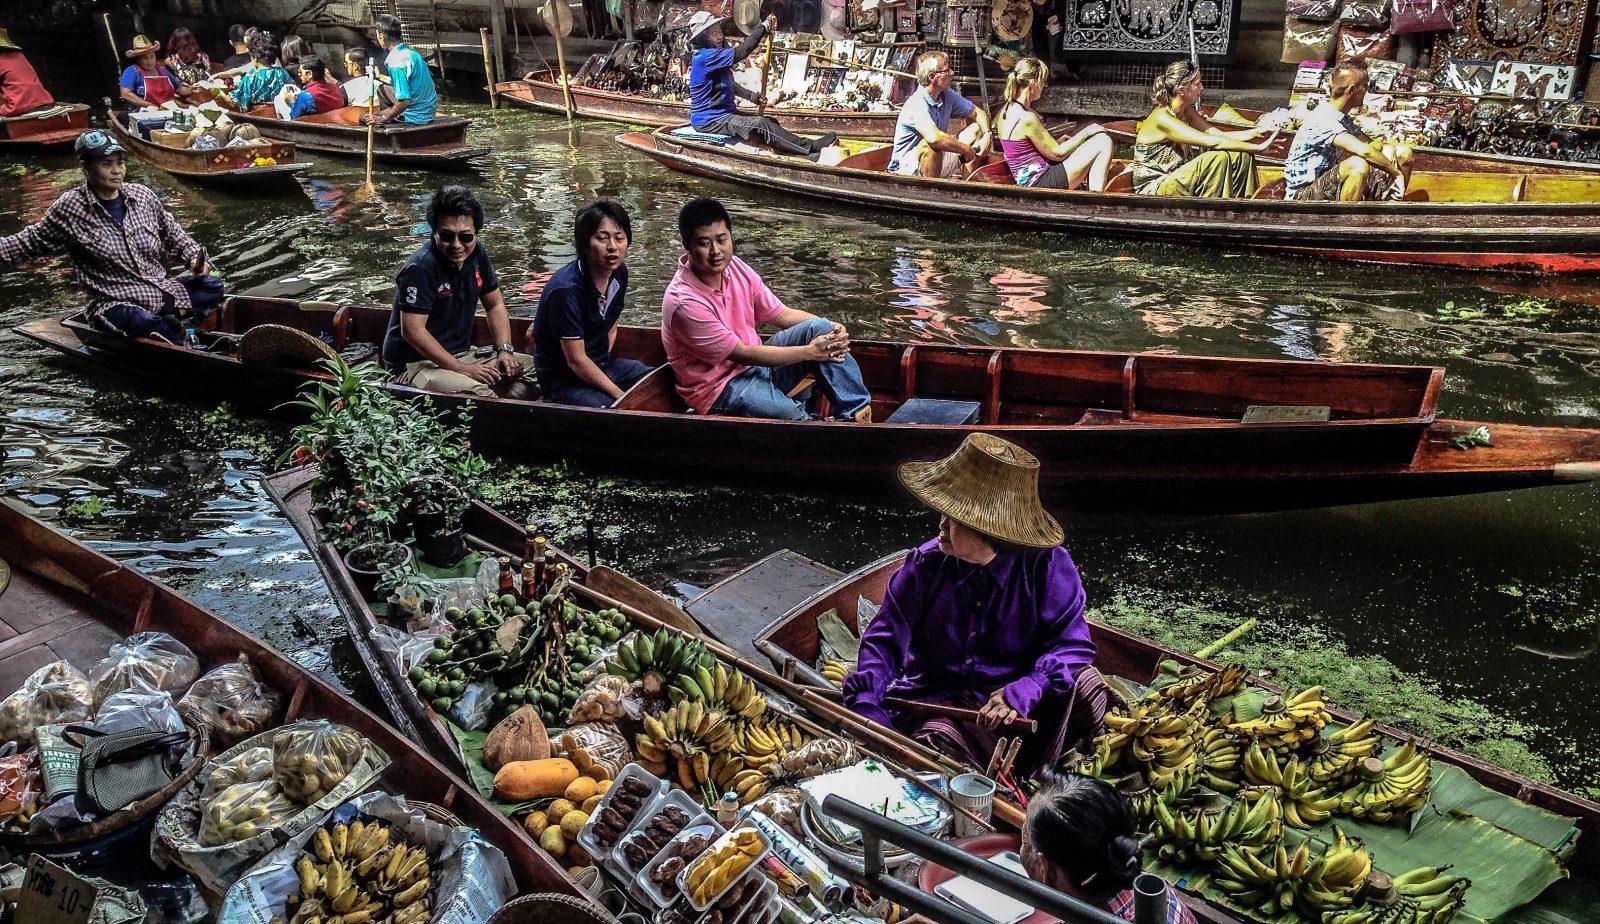 Roteiro de 4 dias em Bangkok 9 dica Viaje Global